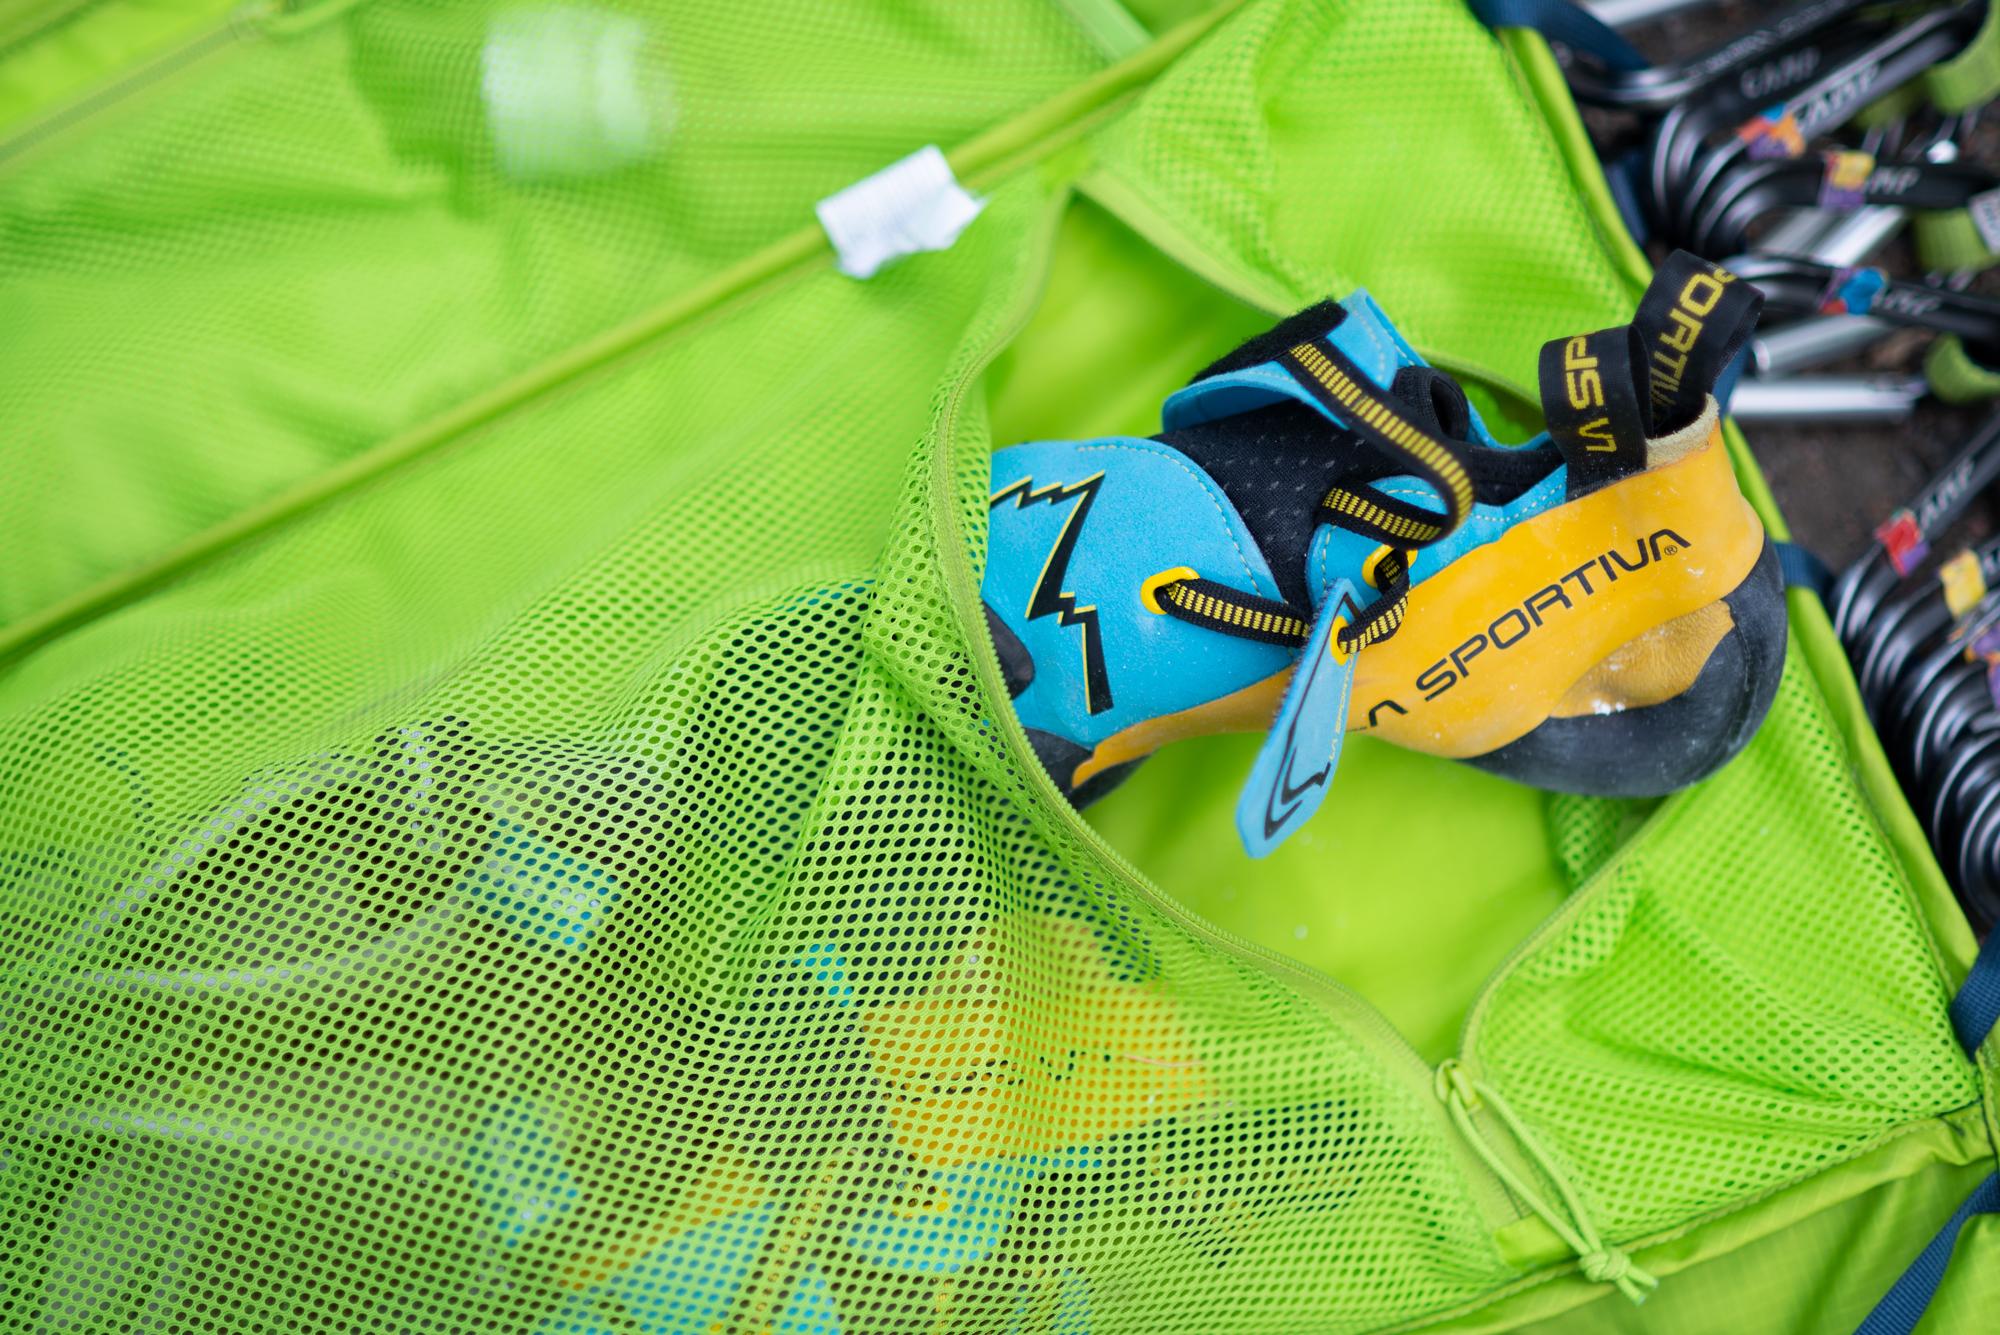 cb0fb084d6 Inside-Out Climbing Pack  Mammut Neon Smart Review